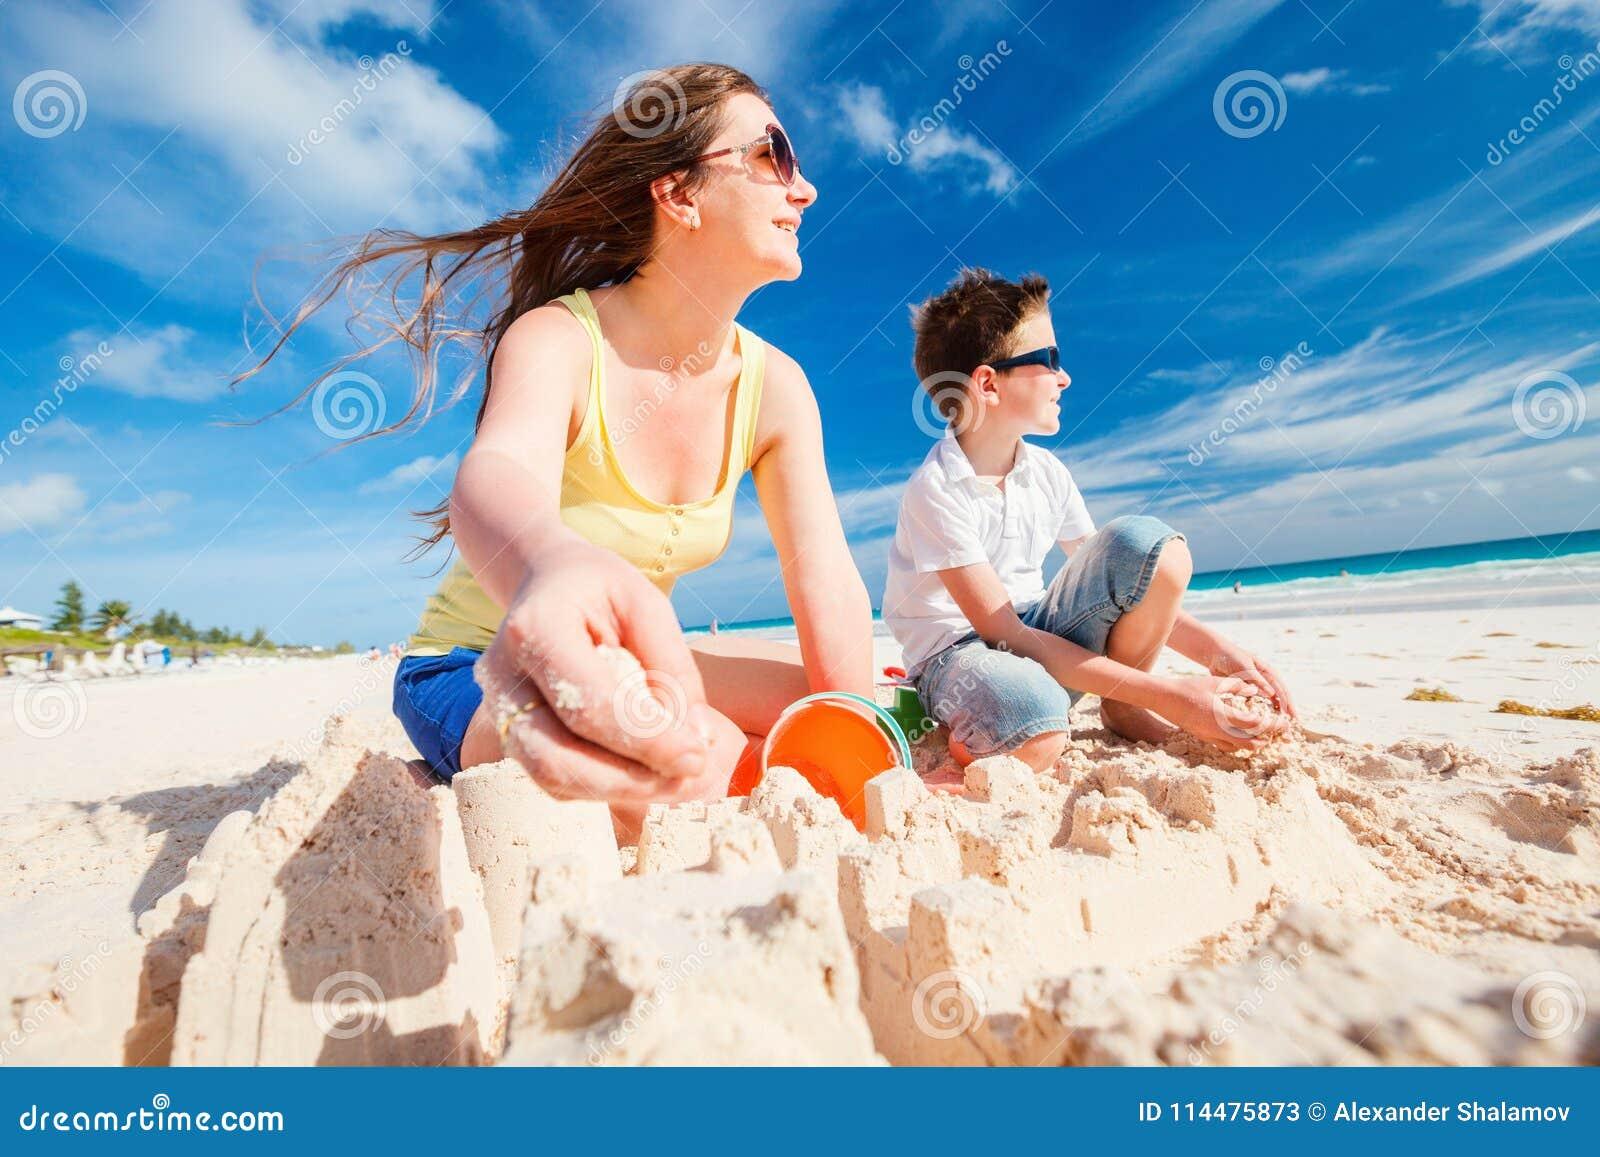 海滩的母亲和儿子